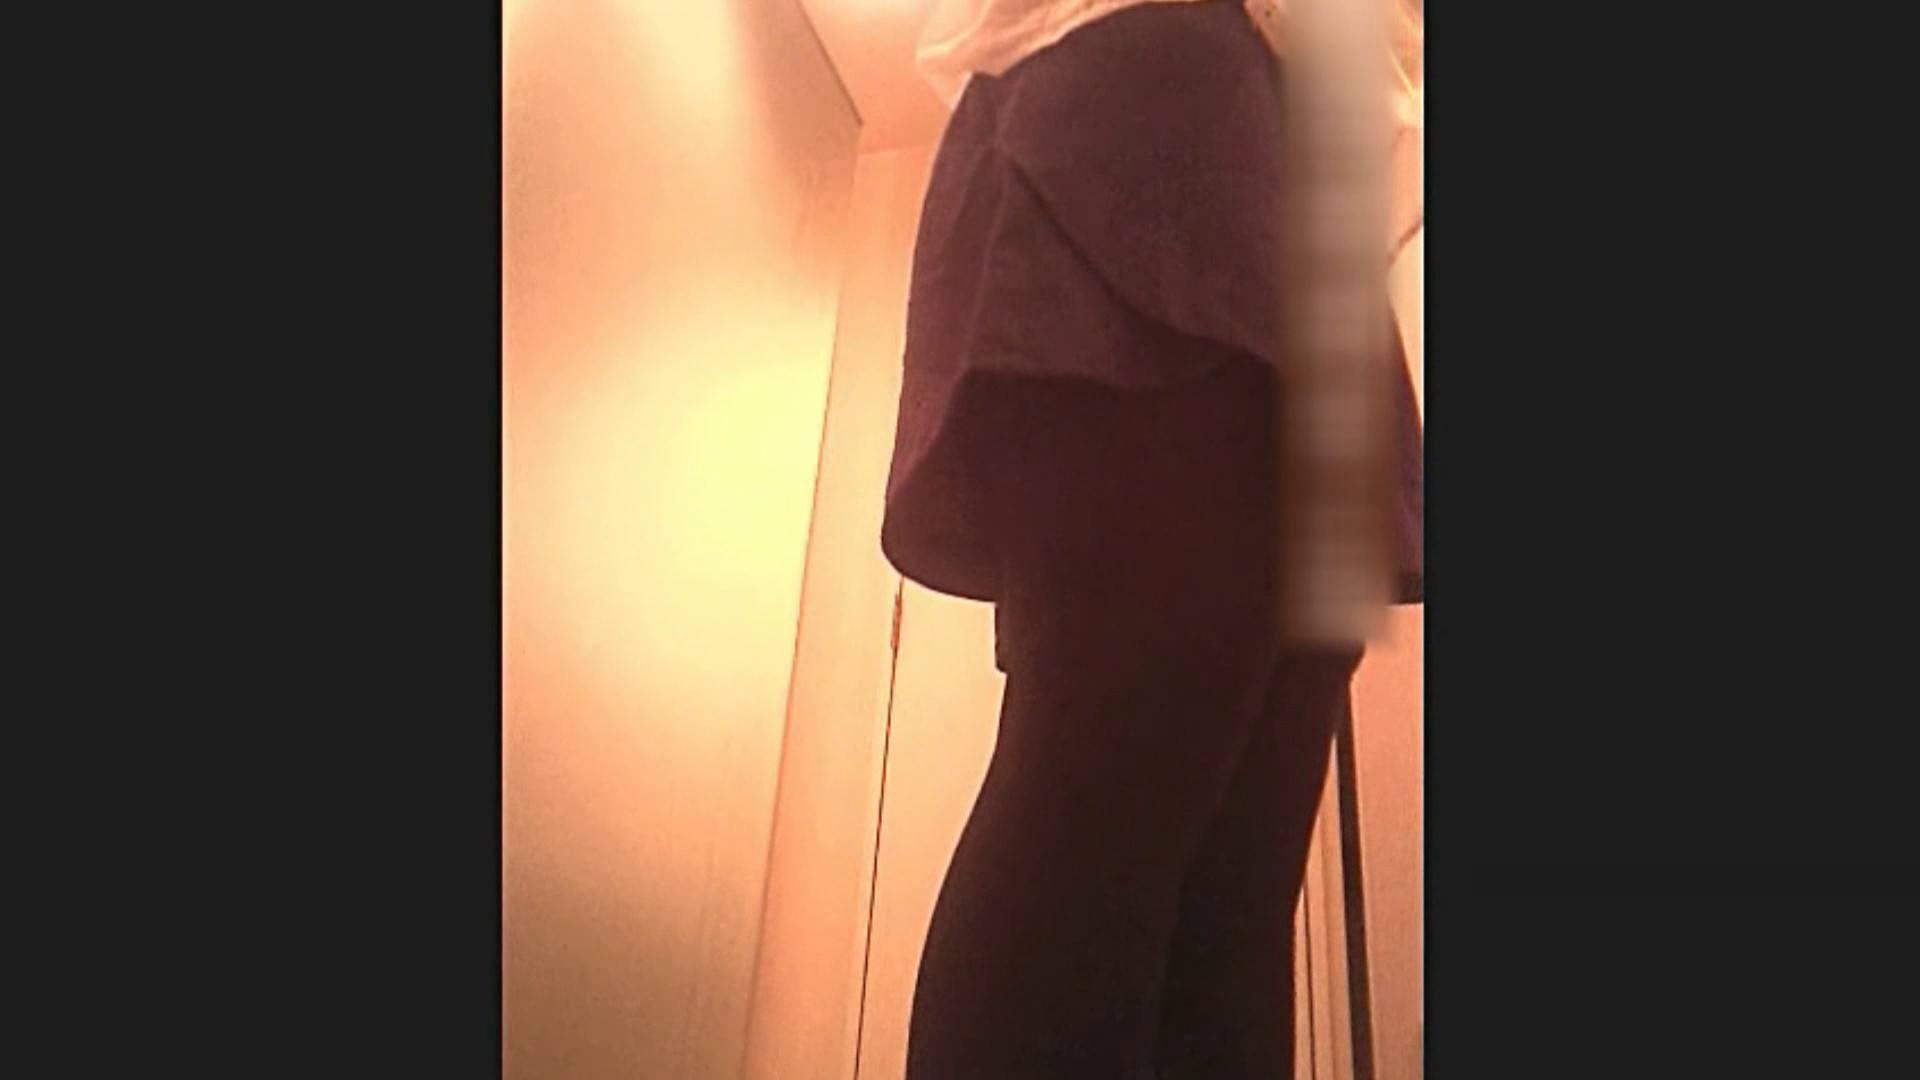 ▲復活限定D▲禁断塾講のおしえ子(シリーズⅢ)あみちゃん  Vol.23脱衣編 ホテル オマンコ無修正動画無料 84連発 79